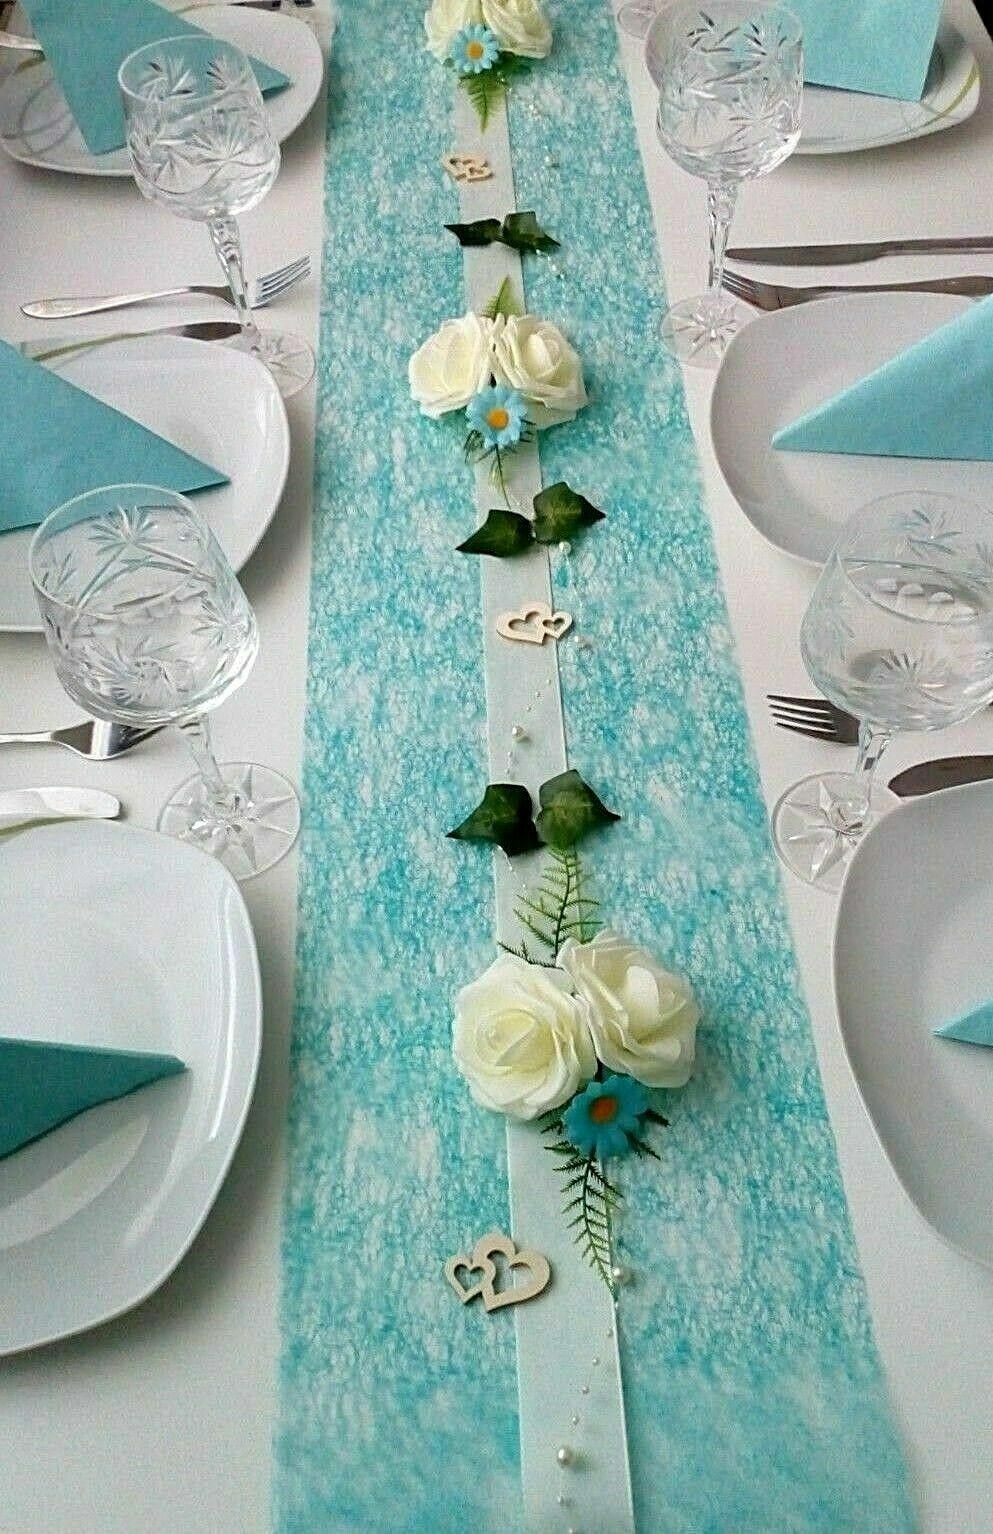 KOMPLETT Tischdeko 20 Personen Dekoration Tischdekoration Hochzeit Taufe türkis